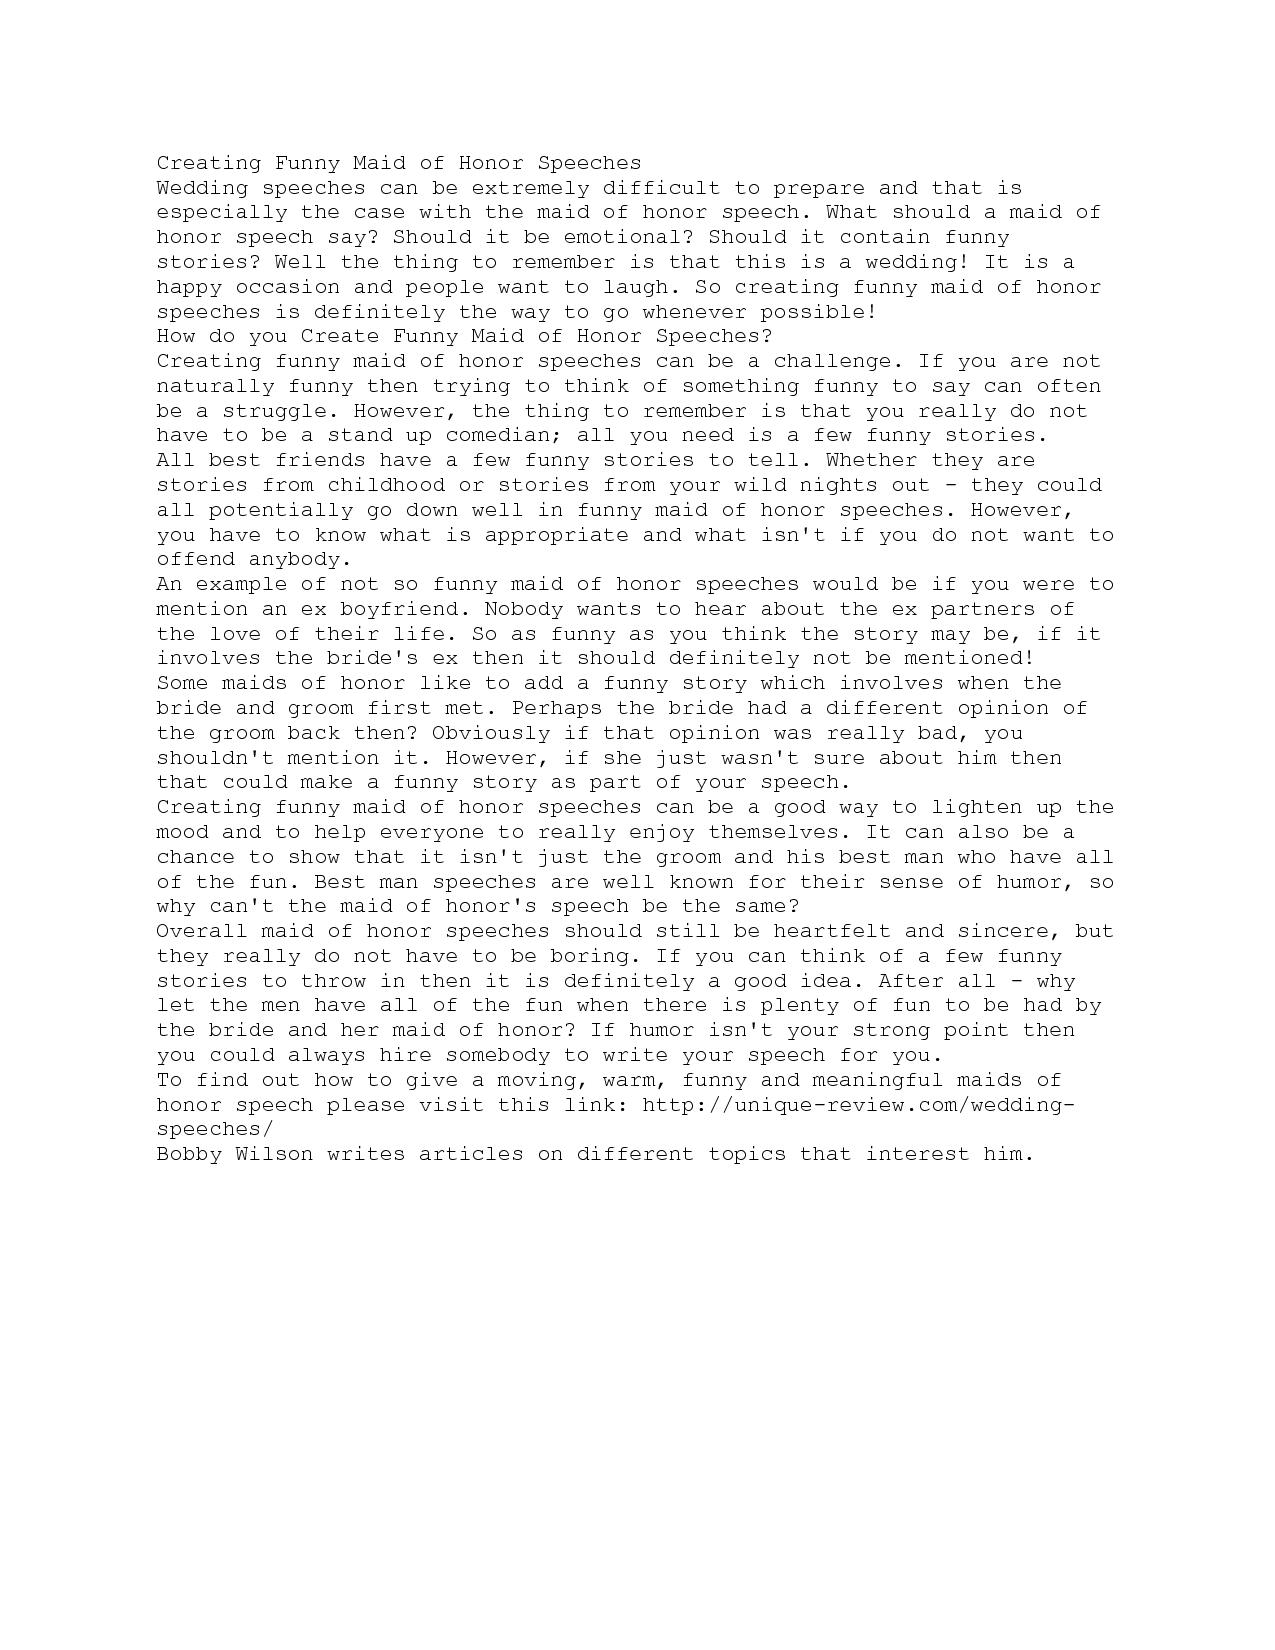 Maid Of Honor Speech Quotes Quotesgram